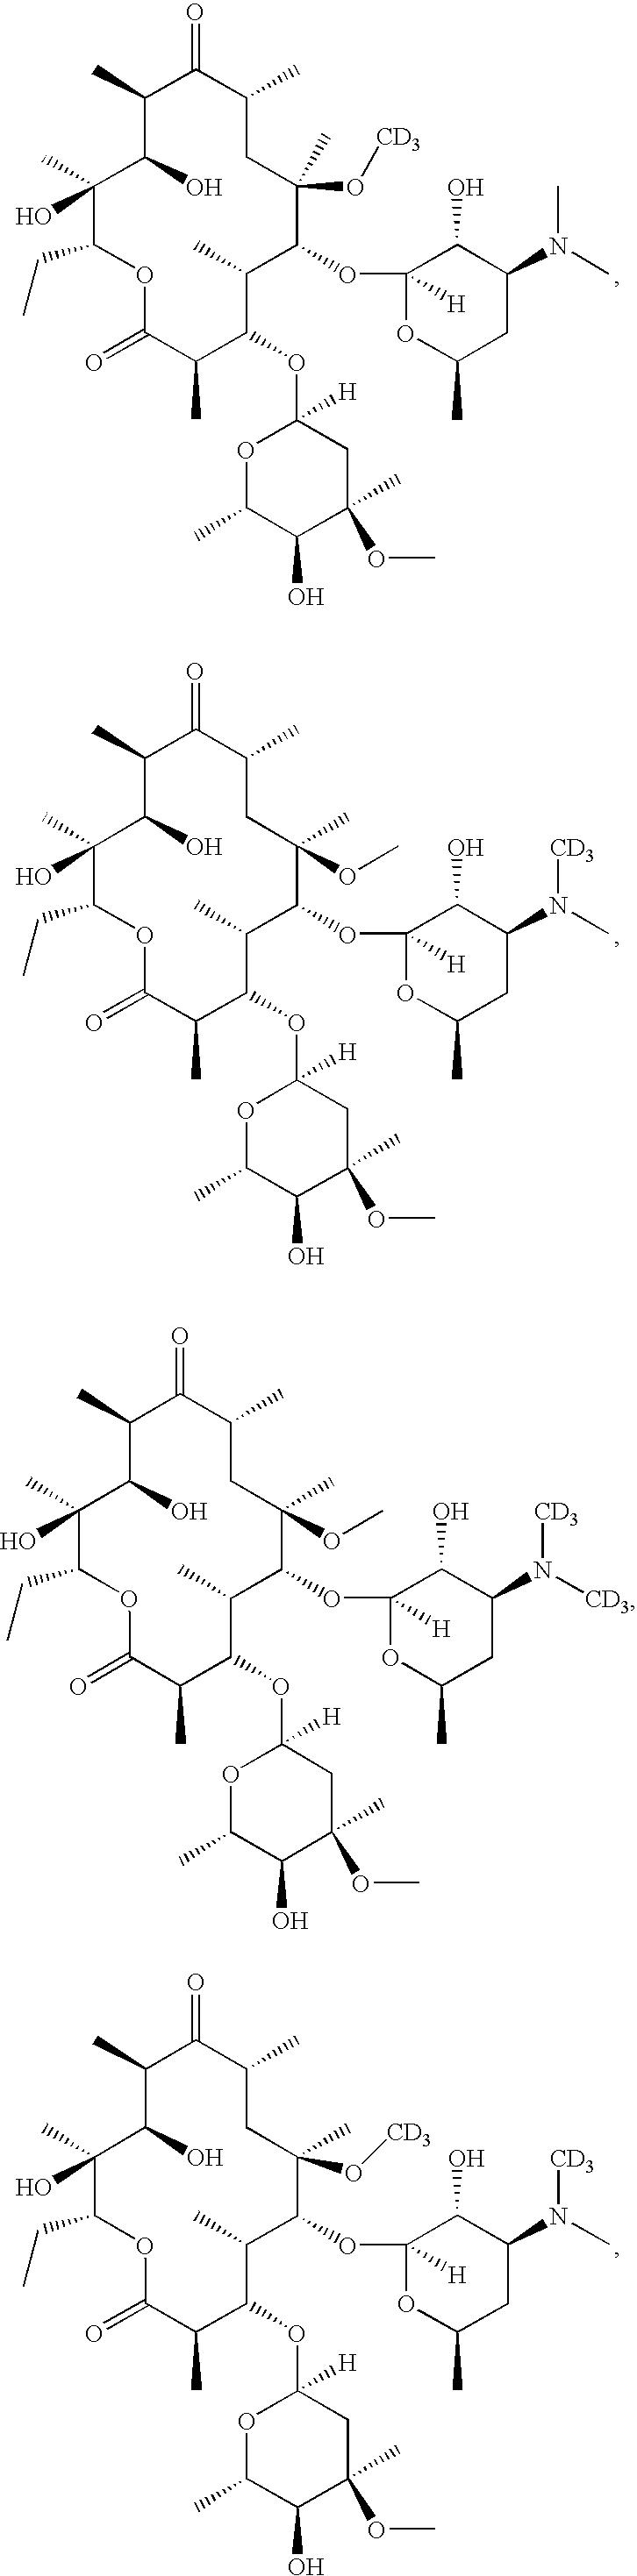 Figure US20070281894A1-20071206-C00018